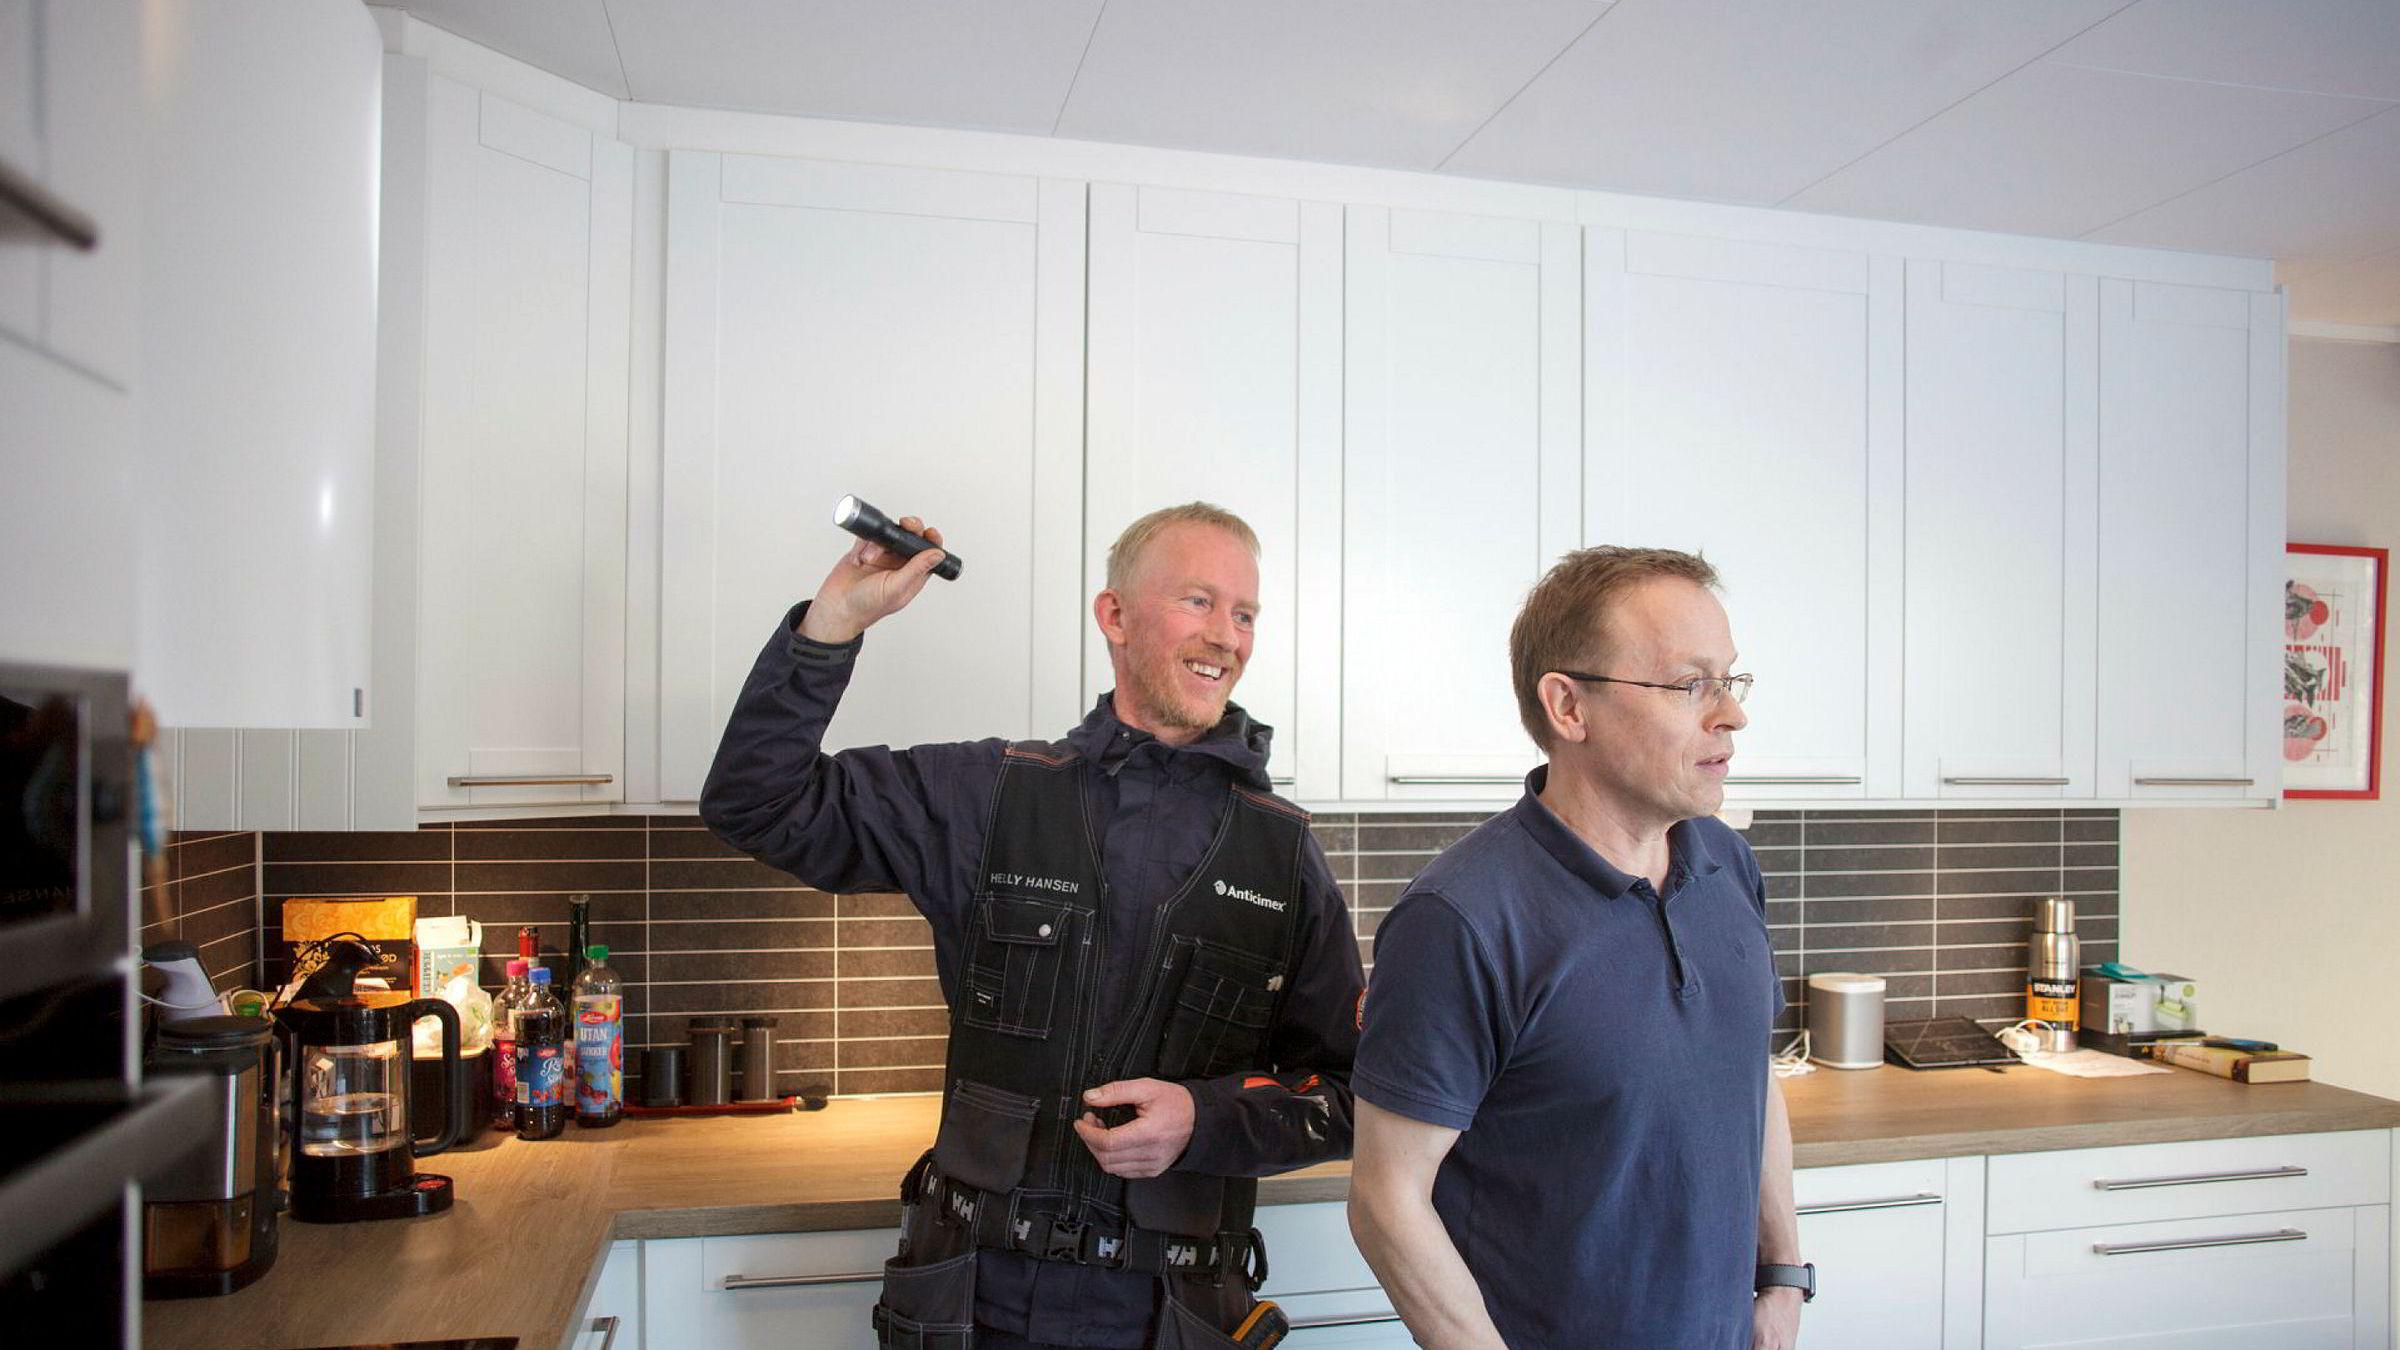 Inspektør Arne Fosse fra Anticimex sjekker tilstanden til boligen til Hakon Kvernes og familien på Skedsmo for å se etter mulige vedlikeholdsbehov. Fosse sier seg stort sett fornøyd med tilstandene.